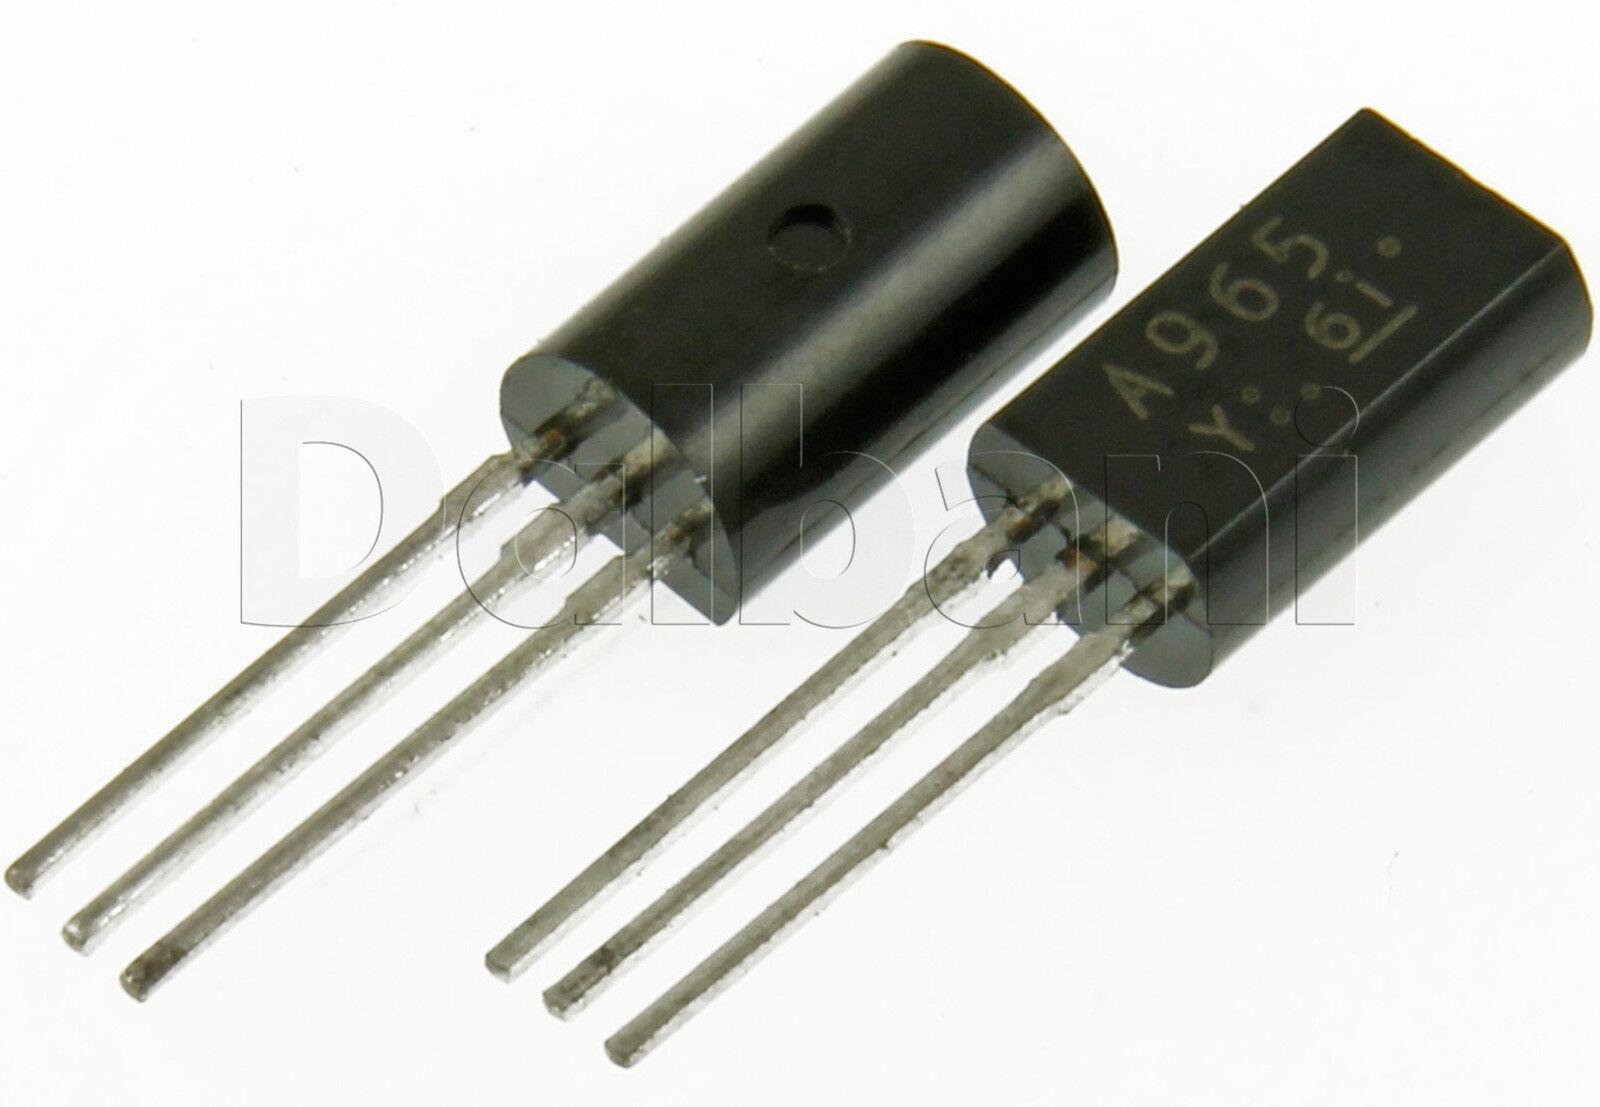 Li-ion batería para Panasonic cgp-d16s Nv-da1b Pv-dvp8-a Pv-dv800 Cgr-d220 pv-dv4